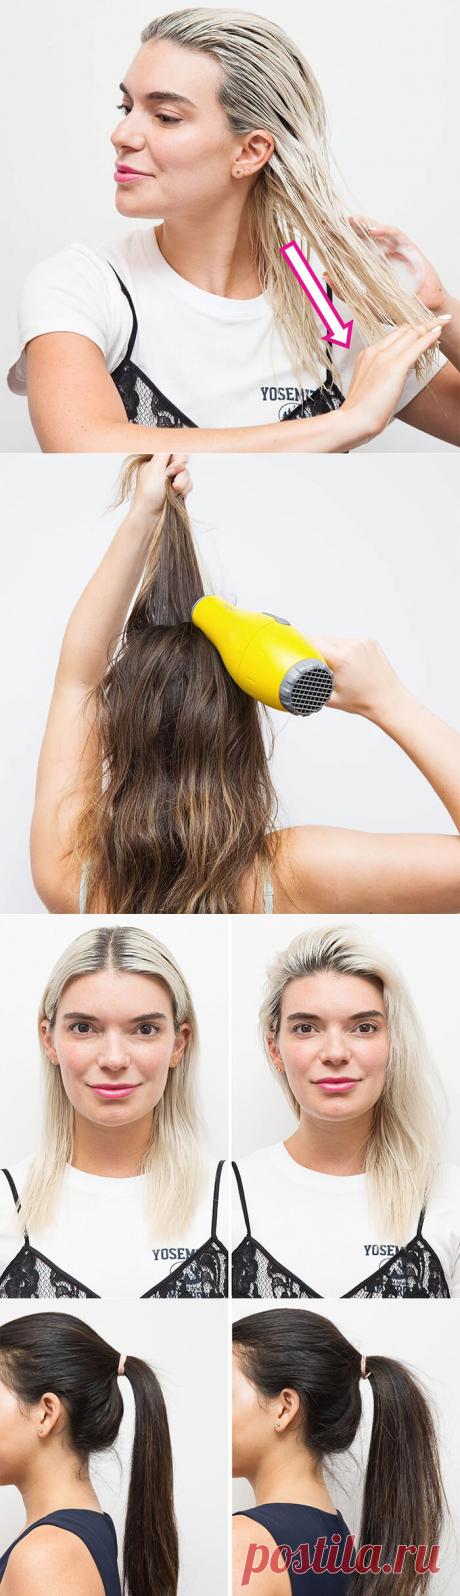 17 лайфхаков, которые сделают твои волосы в 3 раза объемней   Придай волосам шикарный объем, используя эти простые и эффективные уловки!